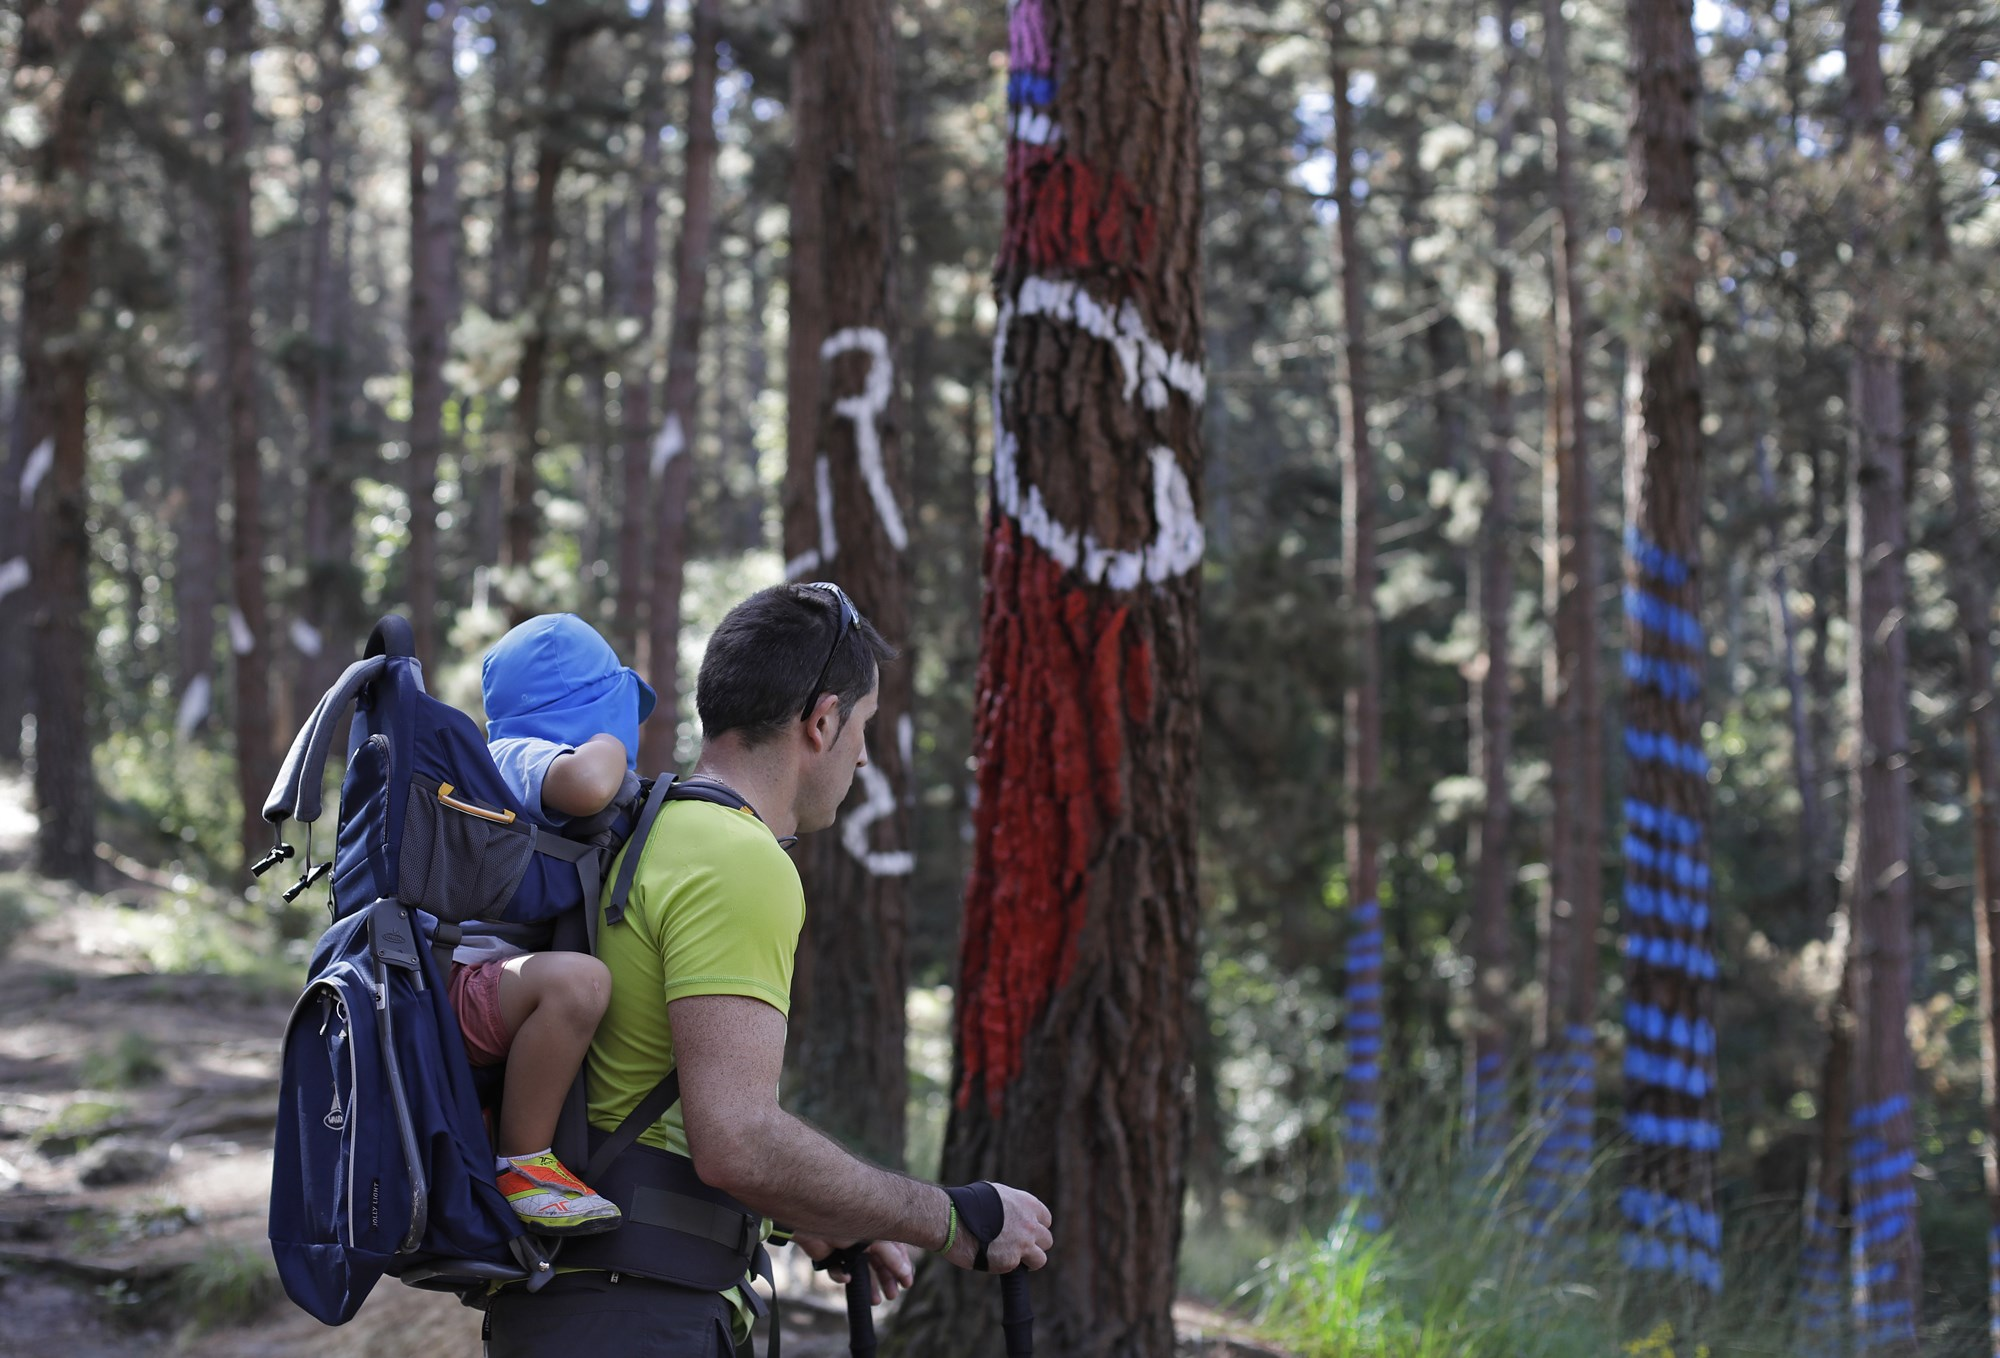 El recorrido es fácil de realizar, incluso con niños muy pequeños.